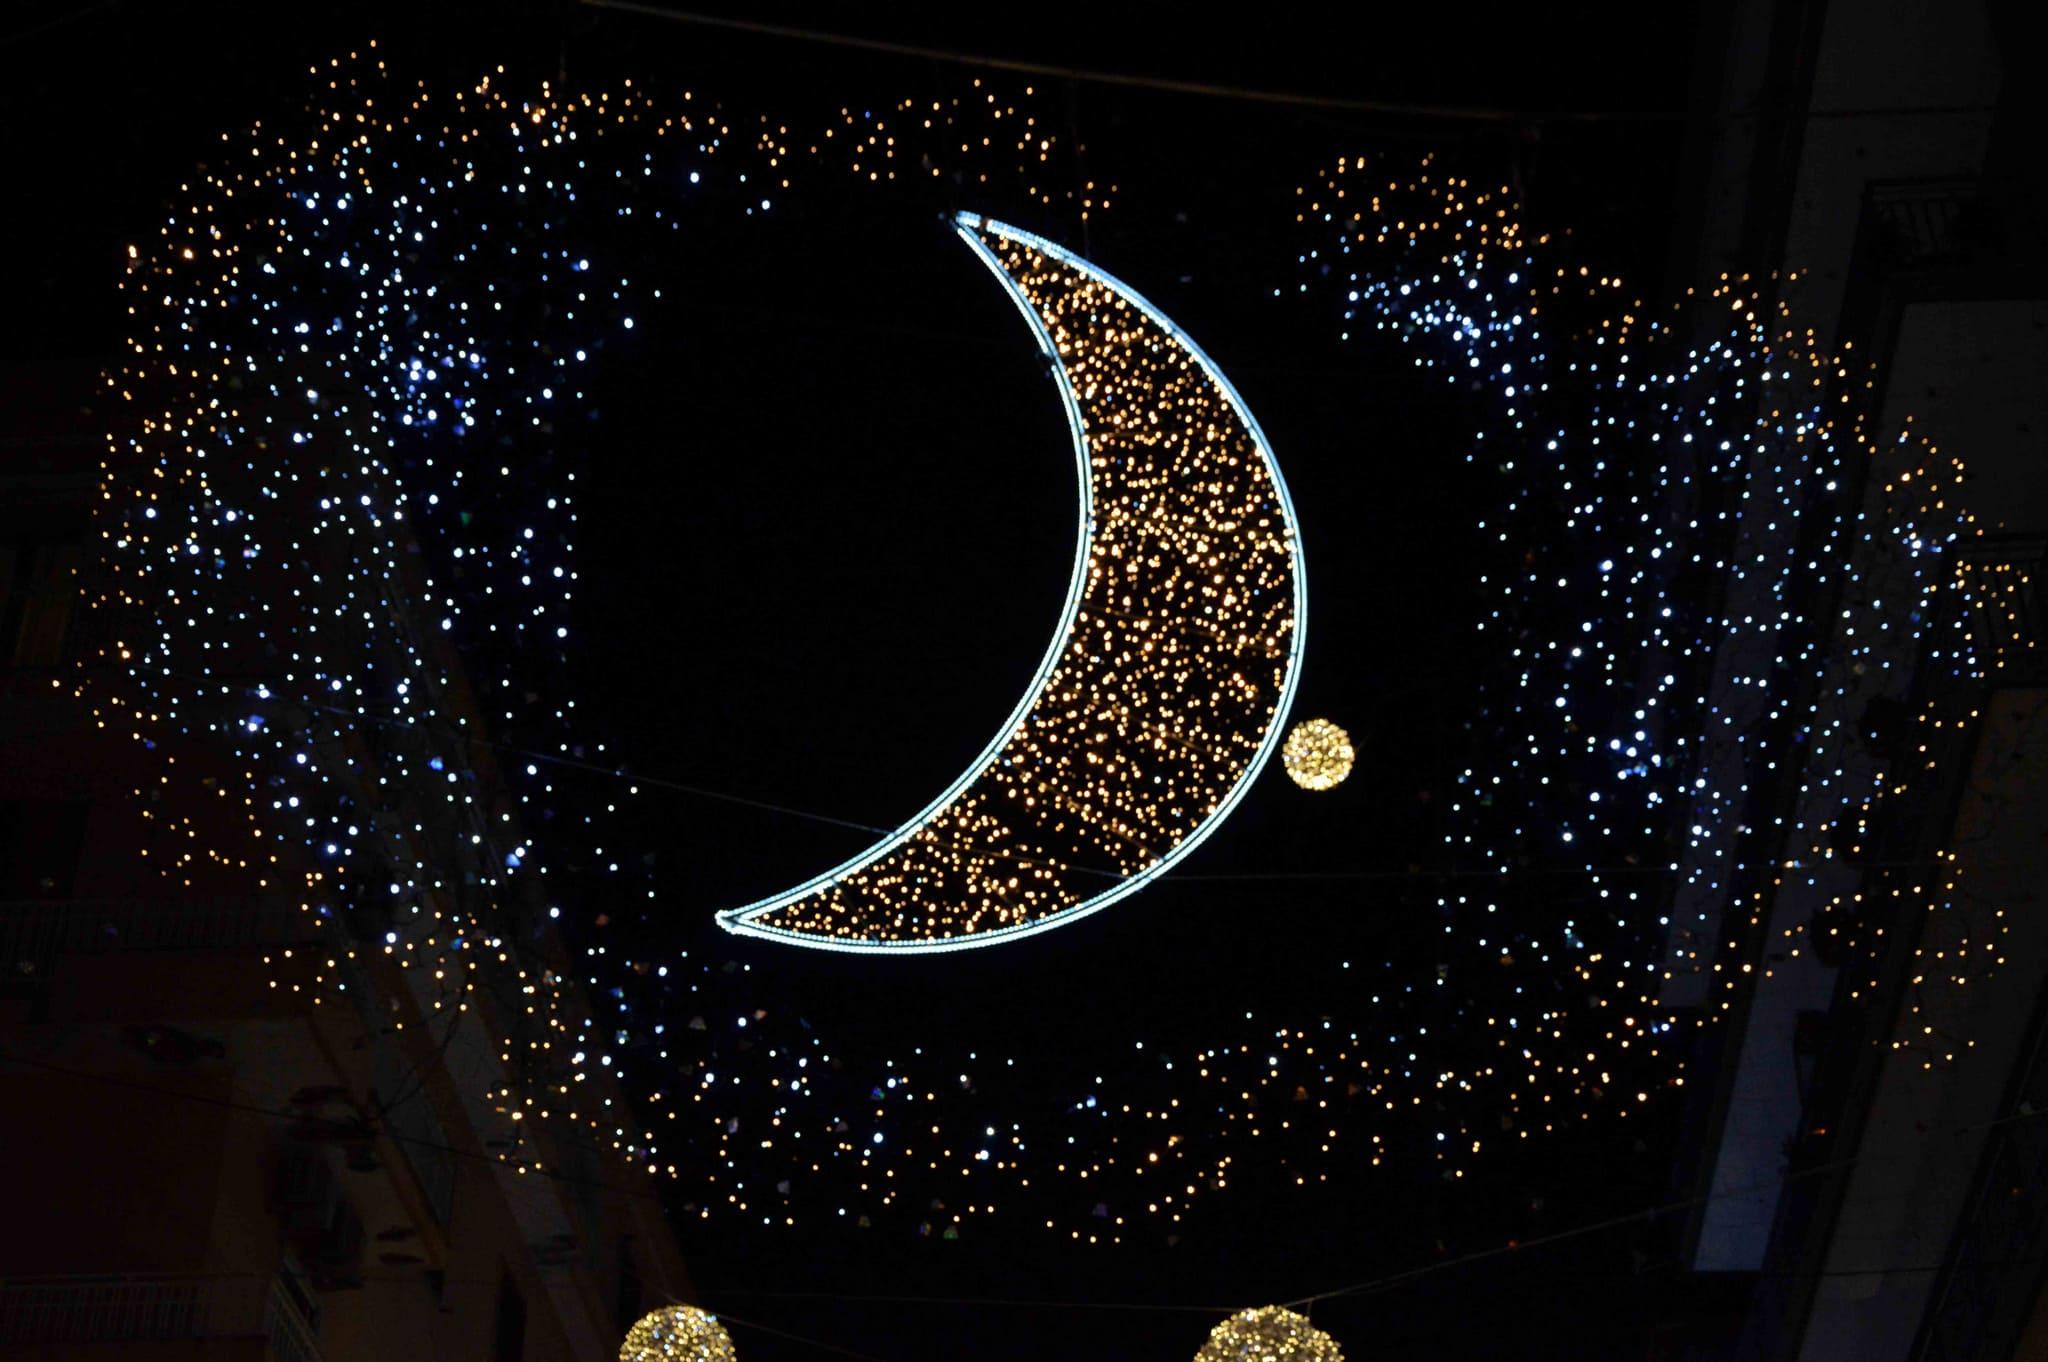 evento delle luci a Salerno